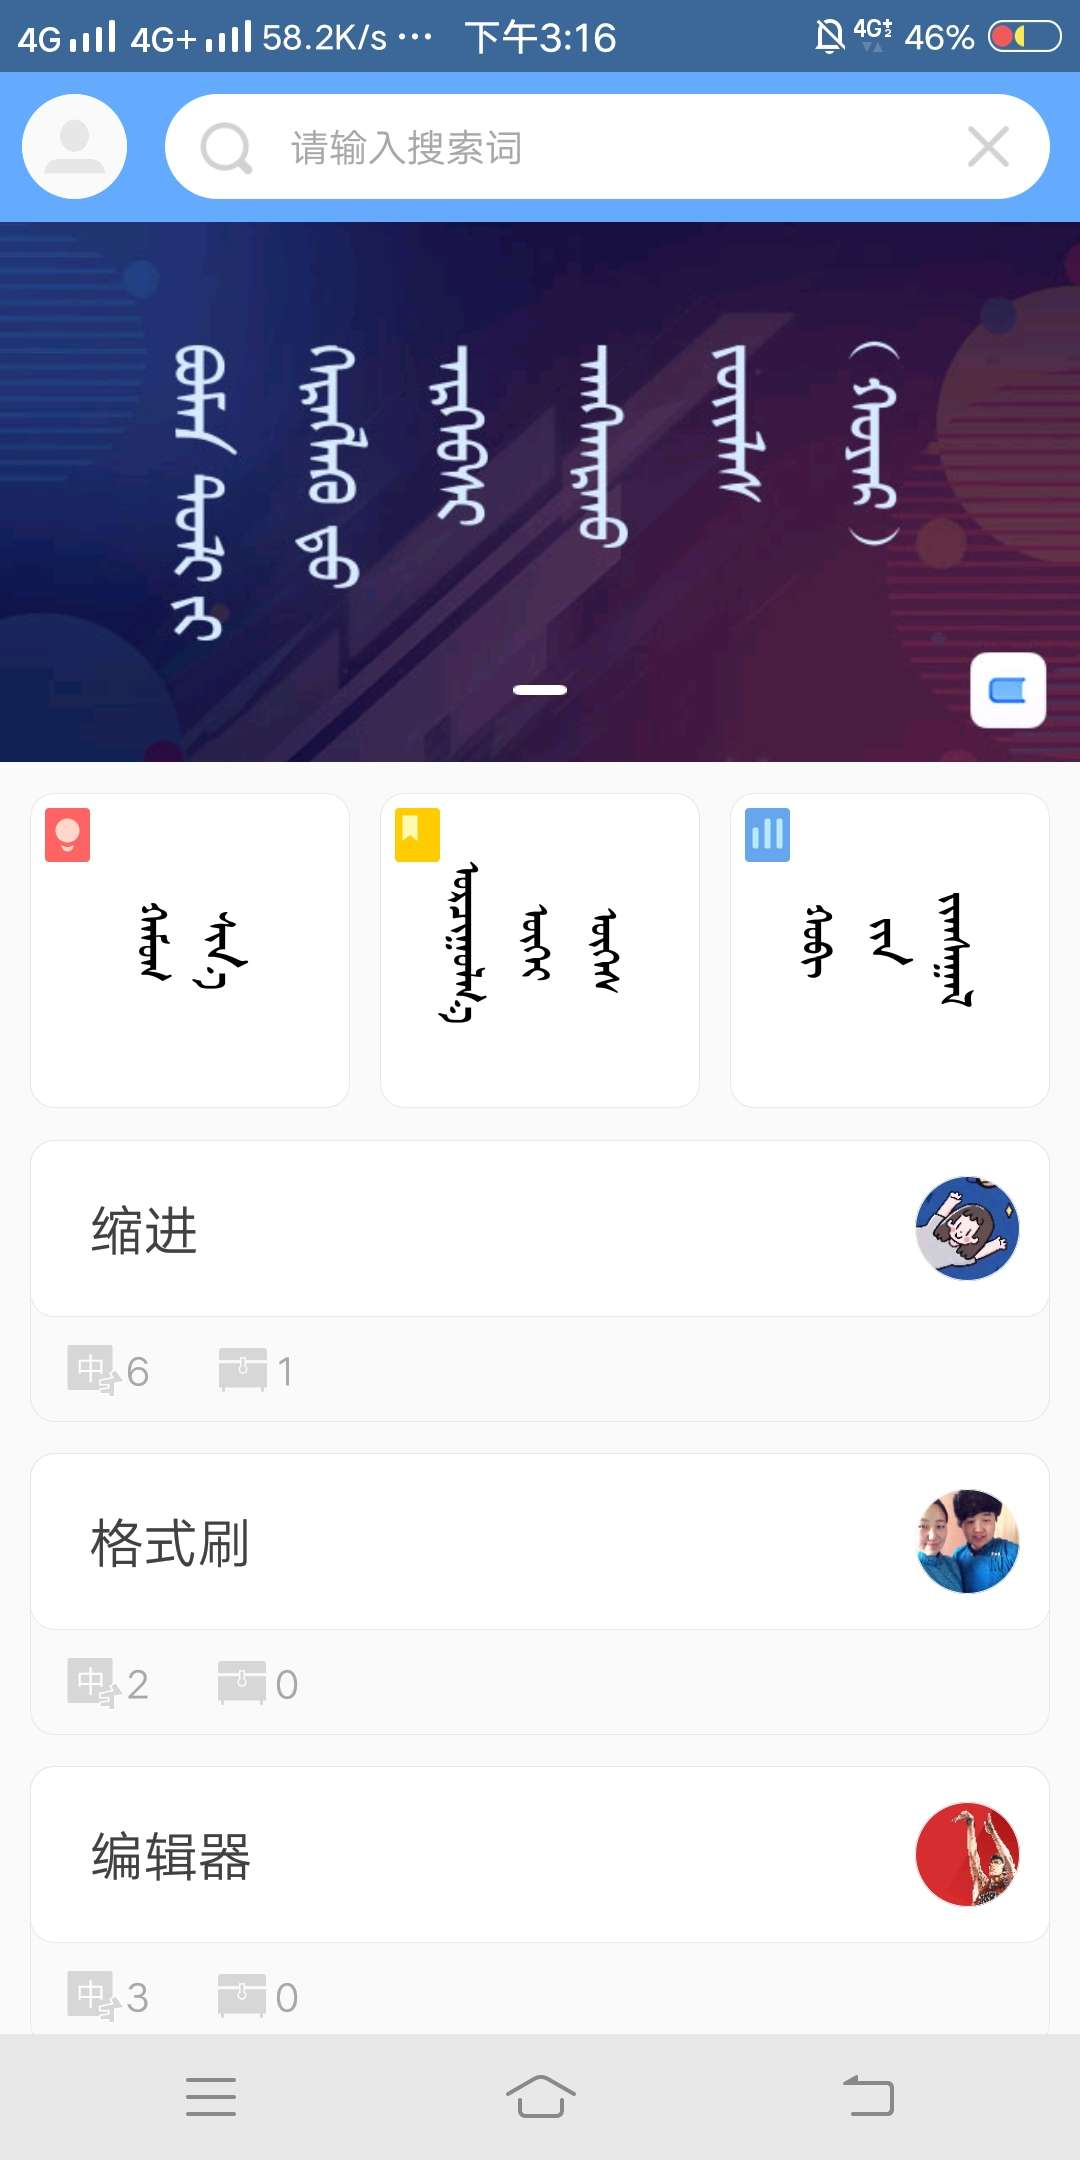 【分享】Boman汉蒙词典-爱小助